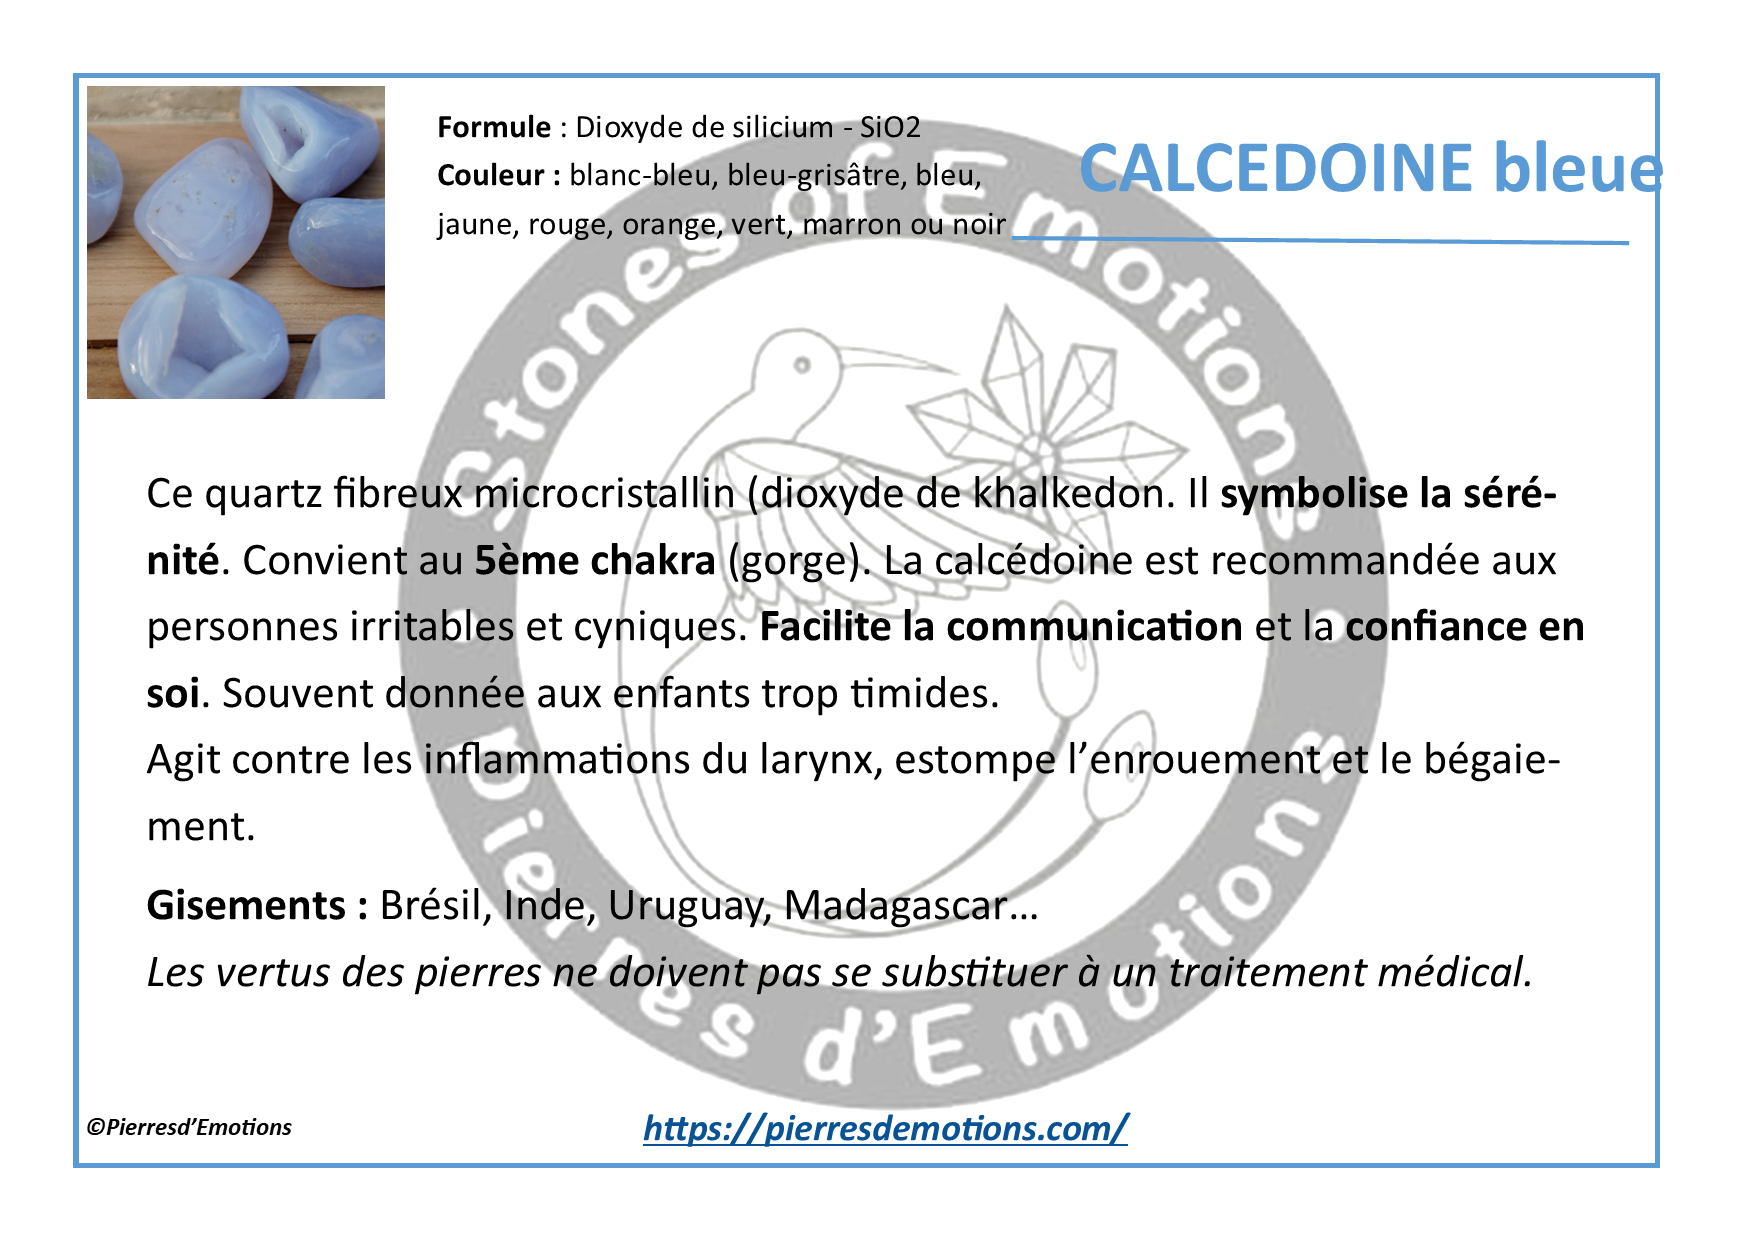 CalcedoineBleue